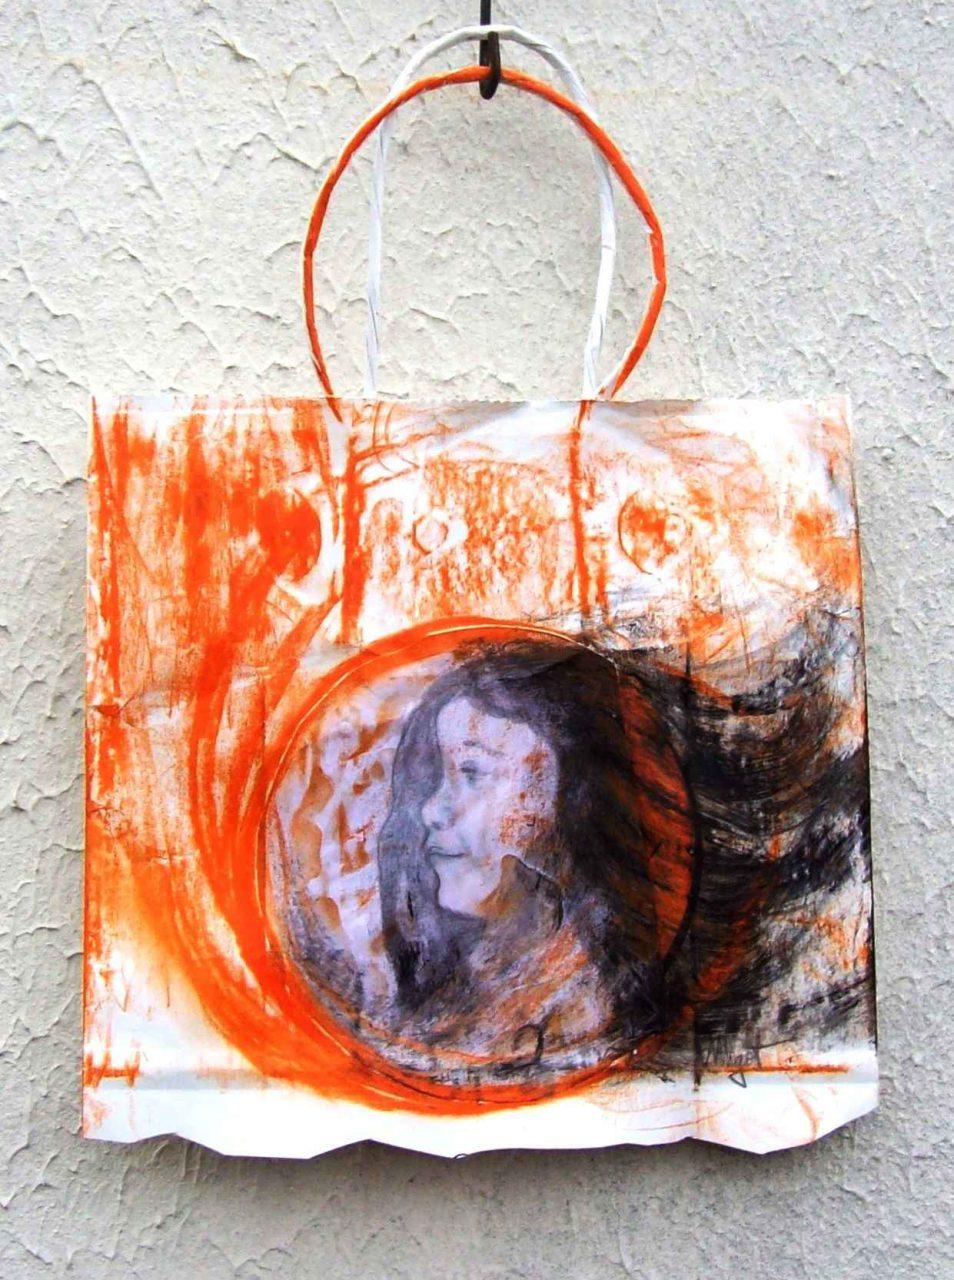 Enfant de la Lune Rousse / Child of the Red Moon par Vinca Migot